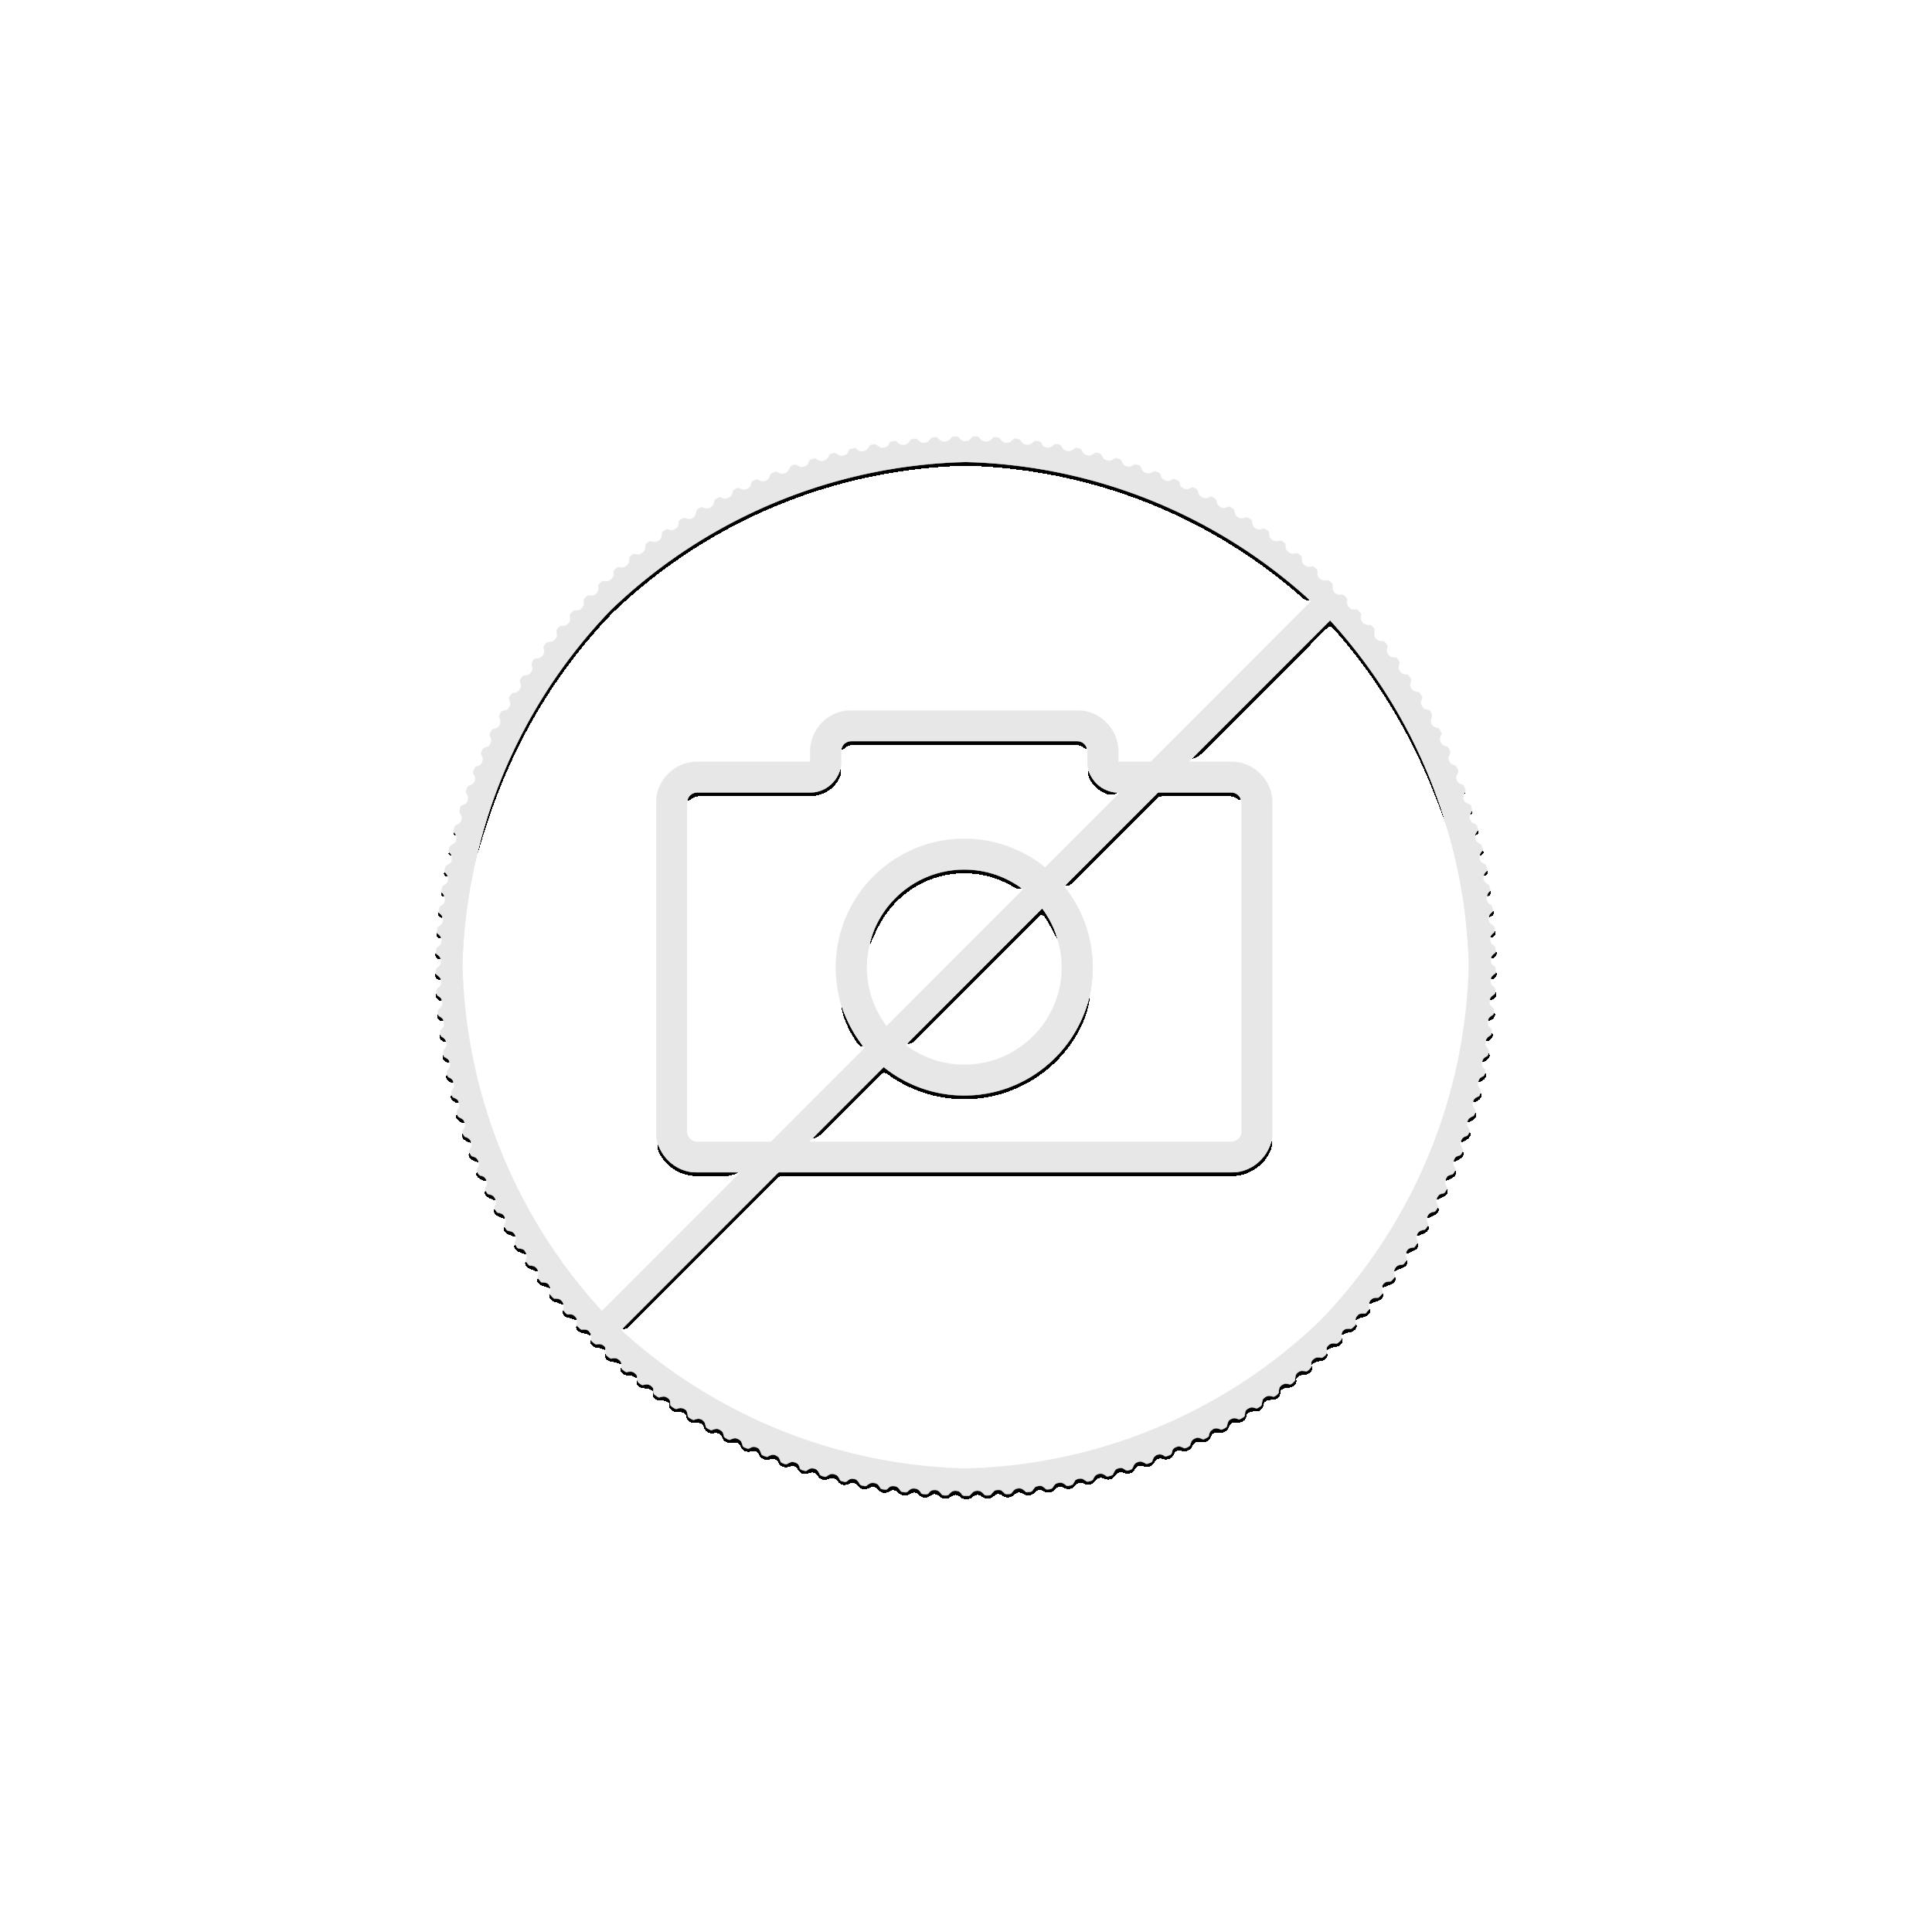 1 troy ounce zilveren munt Kookaburra 2018